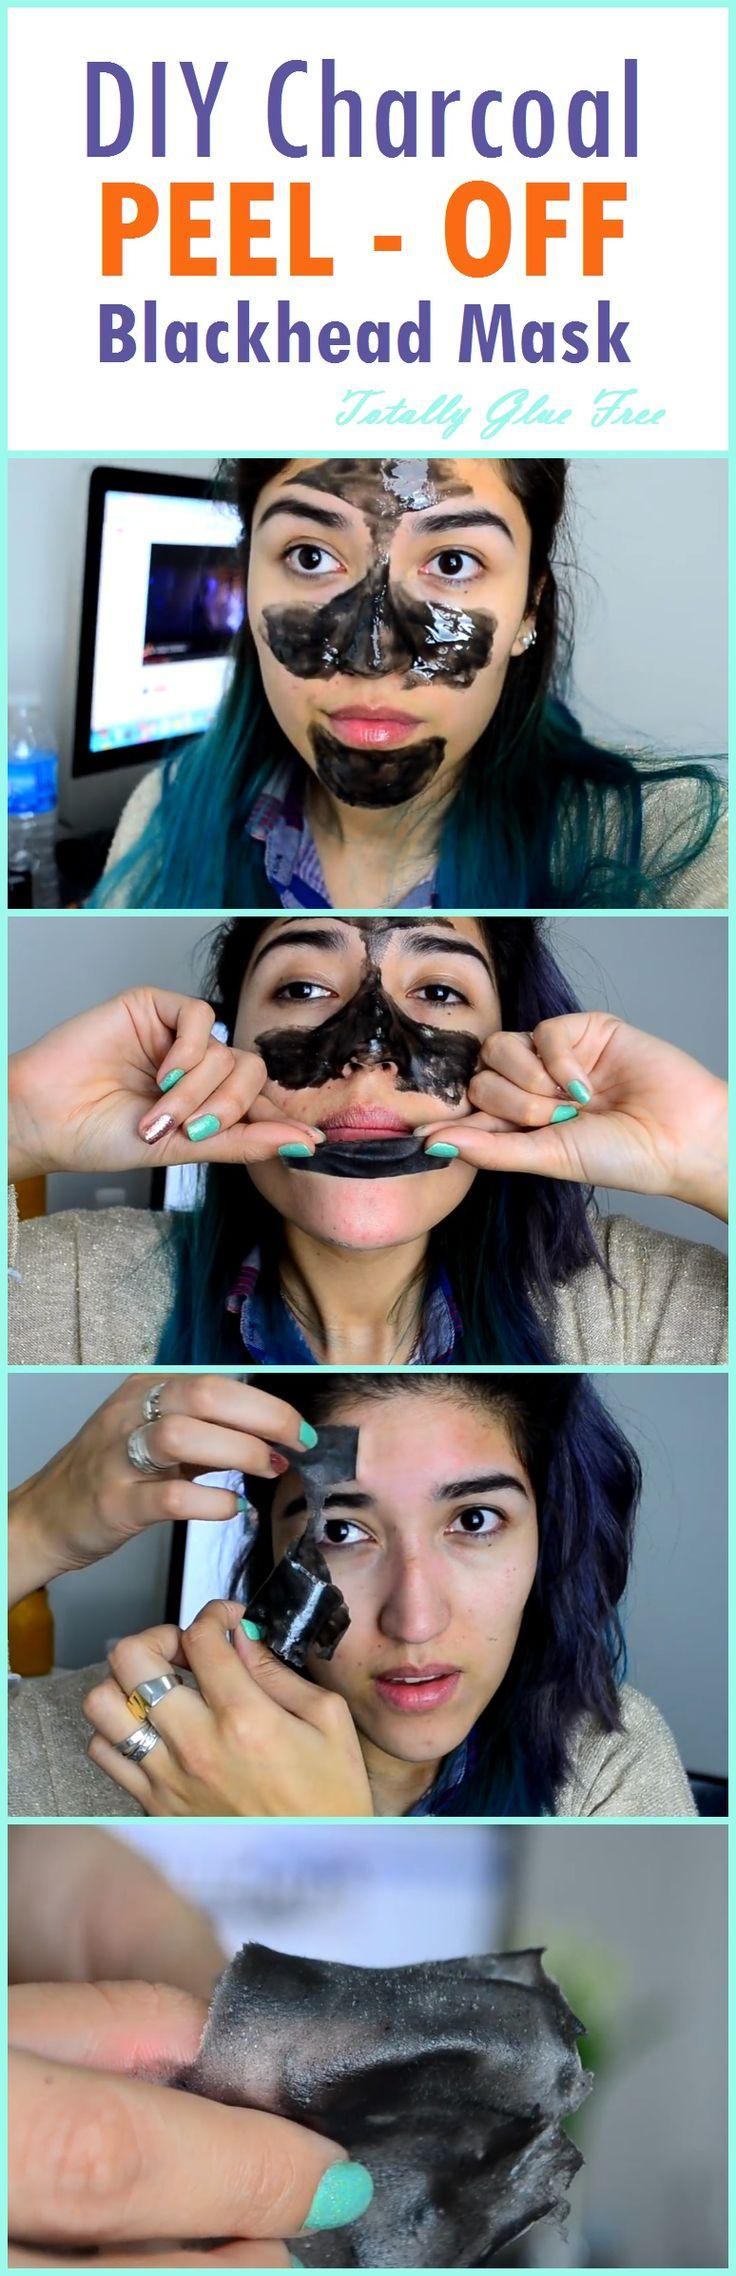 DIY Charcoal PEEL-OFF Blackhead Mask, its Totally Glue Free [#Infographic] #charcoal #blackhead #mask #peeloff #DIY